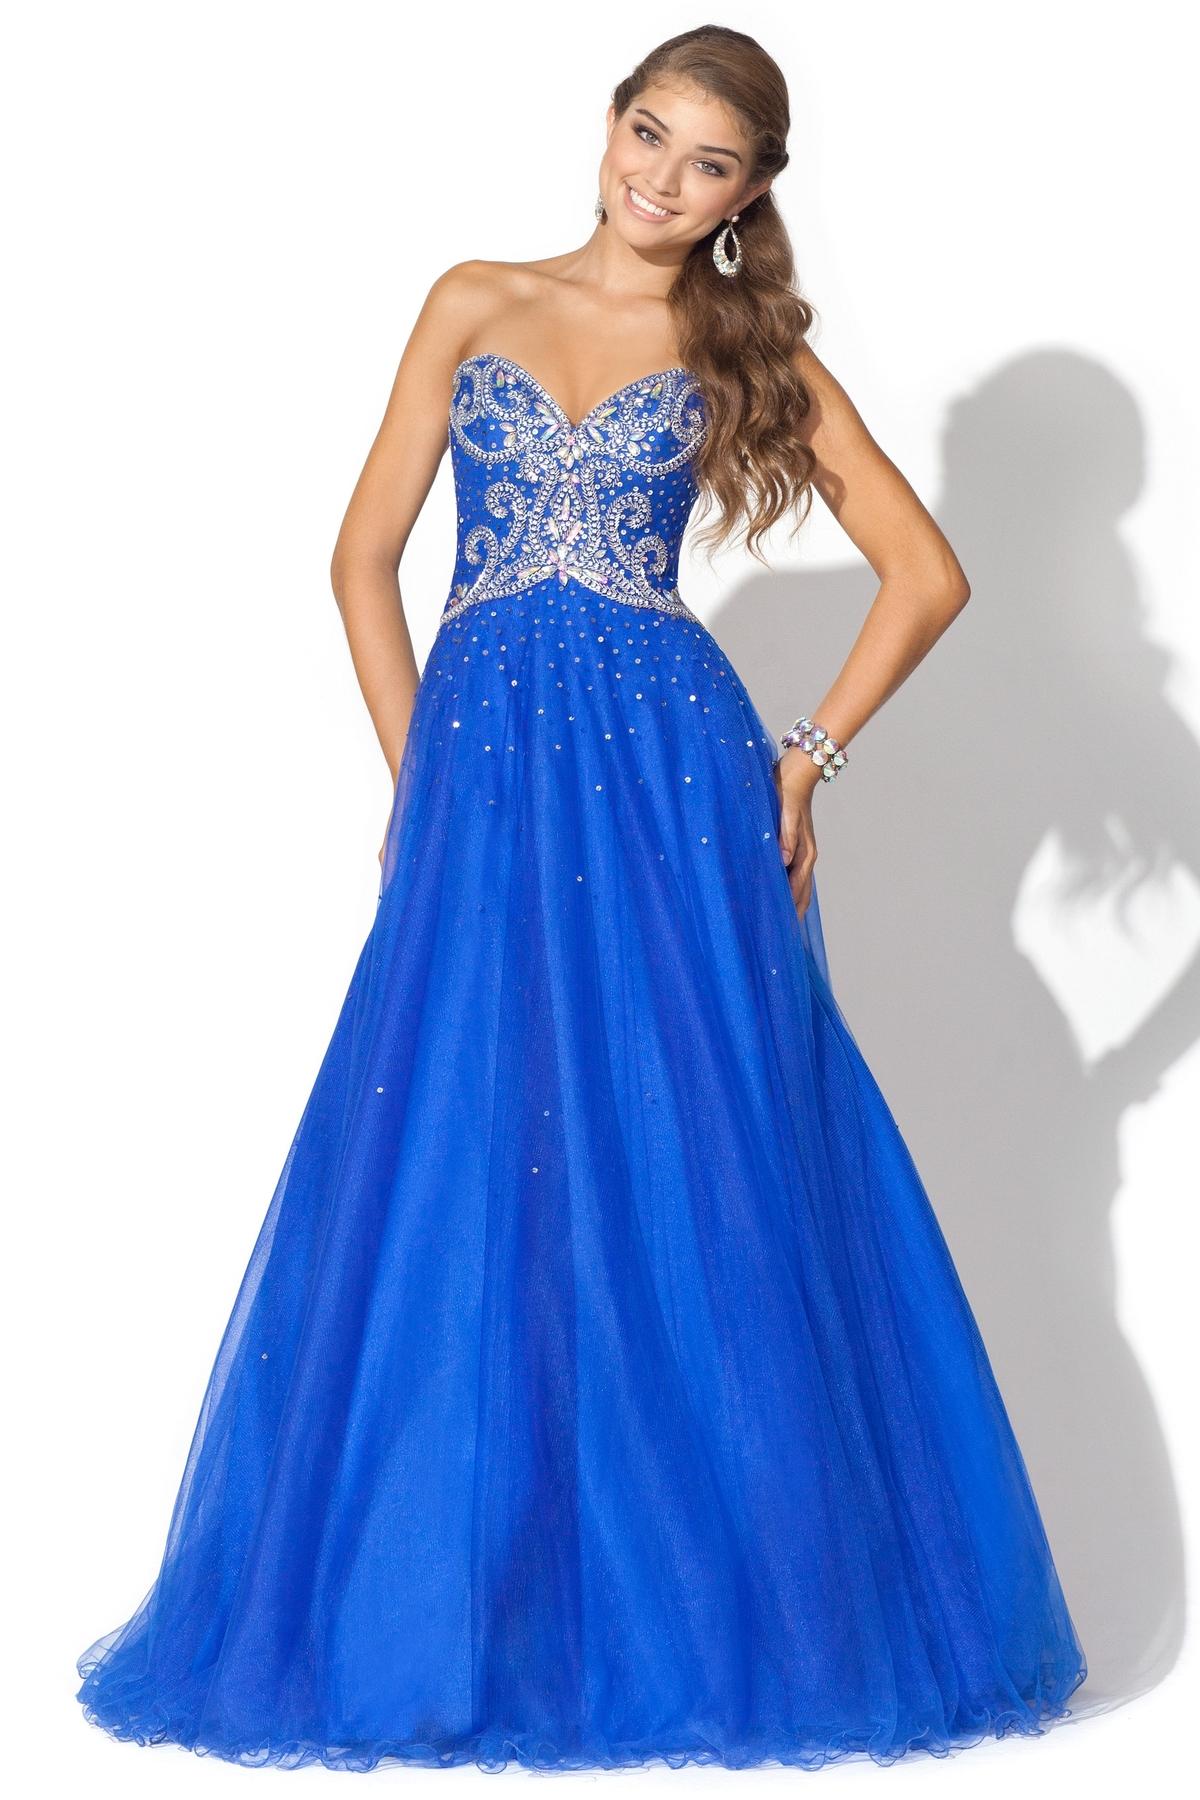 Blue Prom Dresses | DressedUpGirl.com